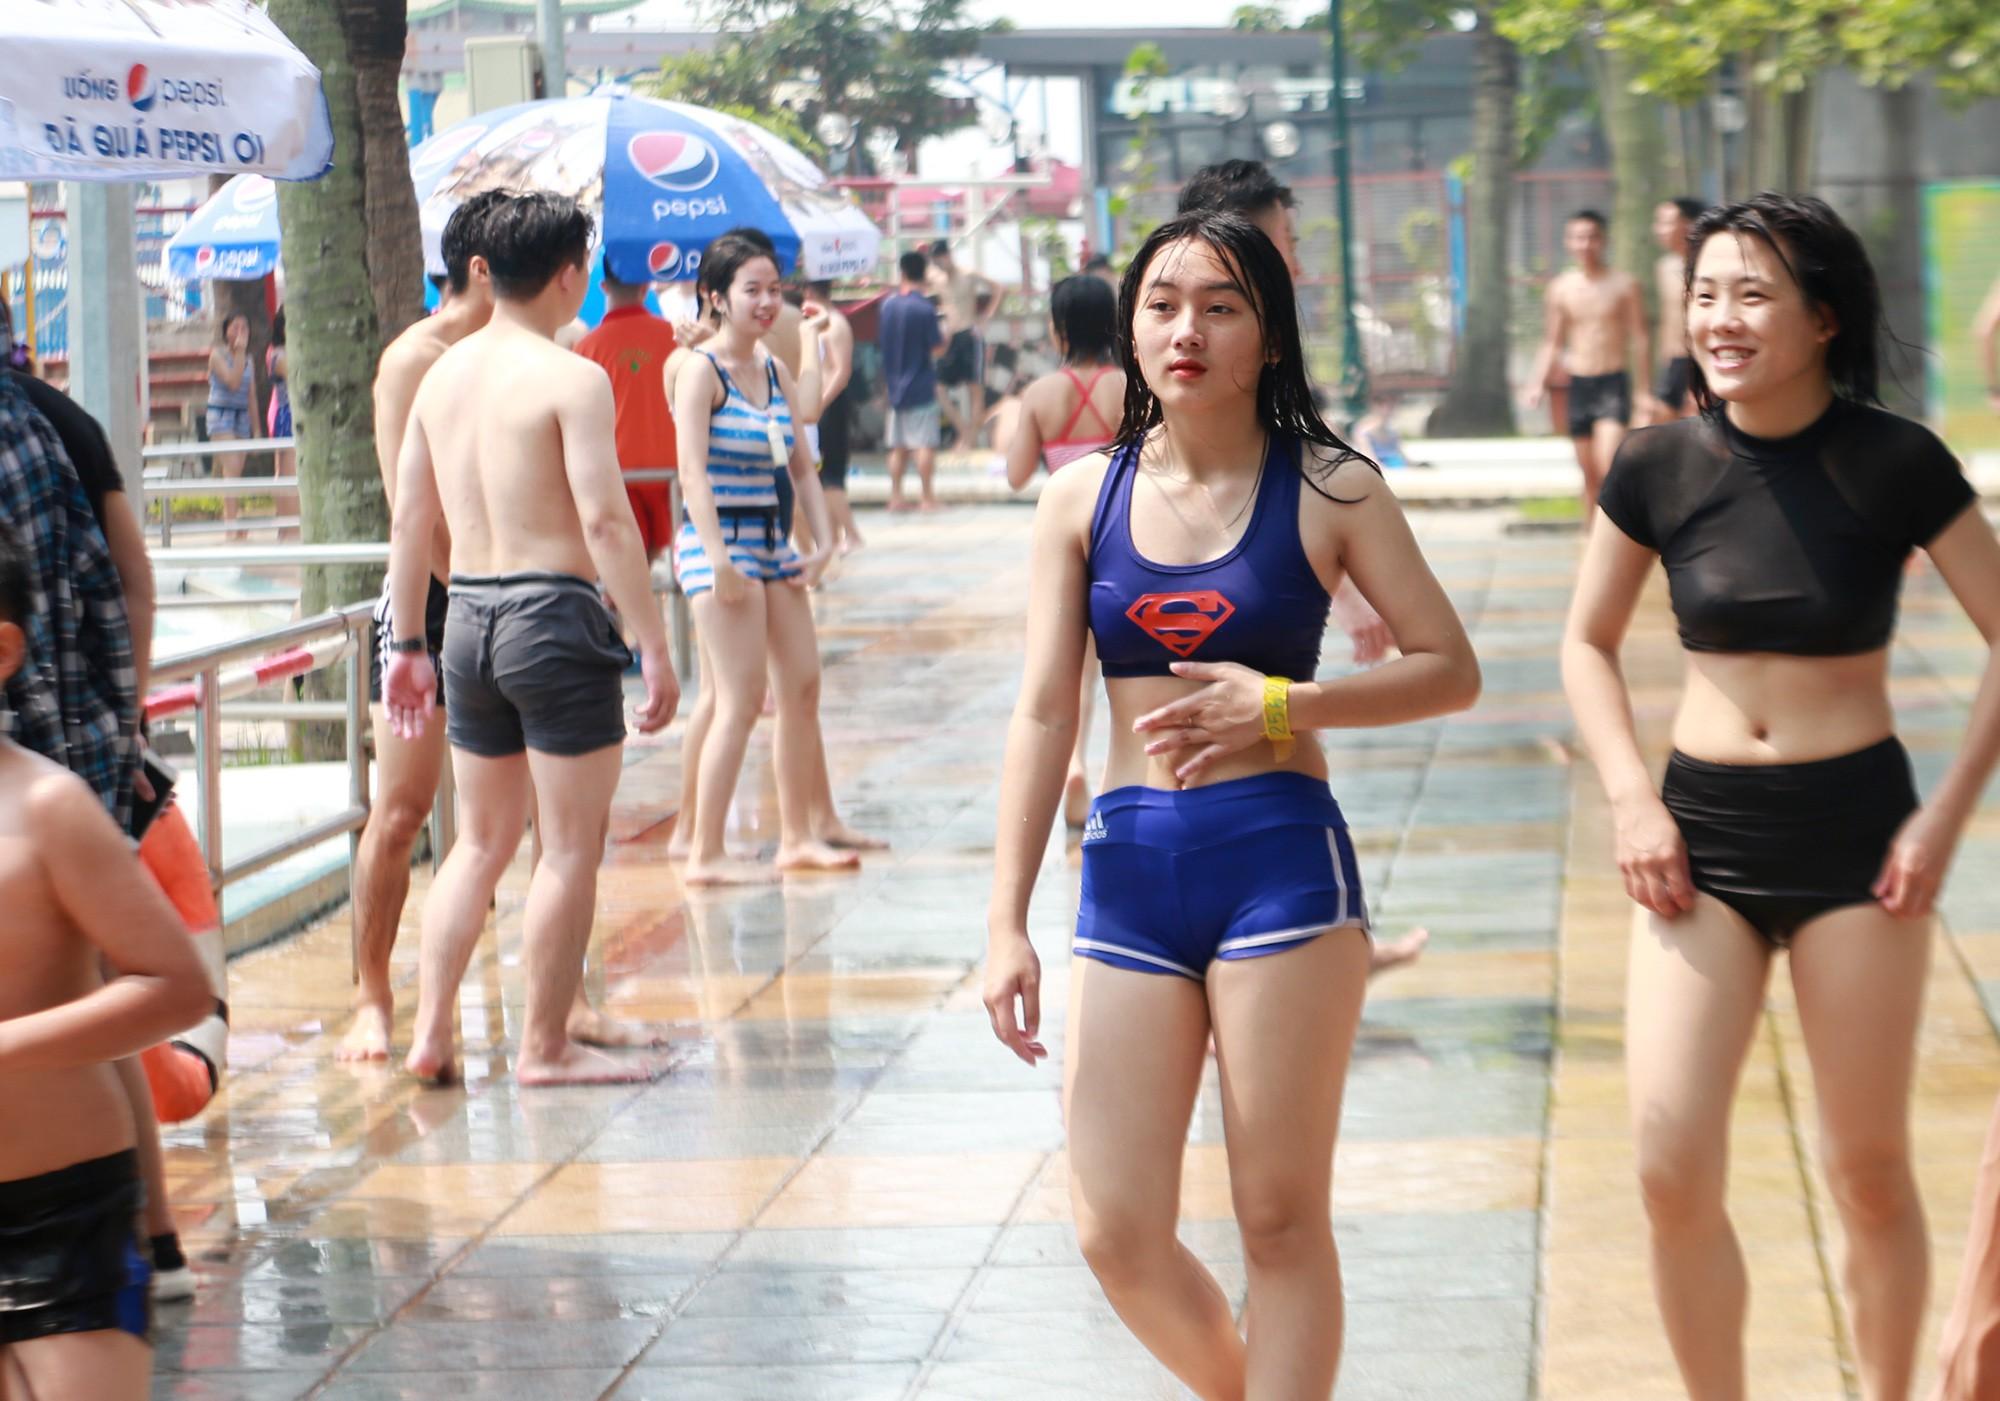 Hà Nội: Gần 1 vạn người đổ về công viên Hồ Tây ngày cuối tuần - Ảnh 11.